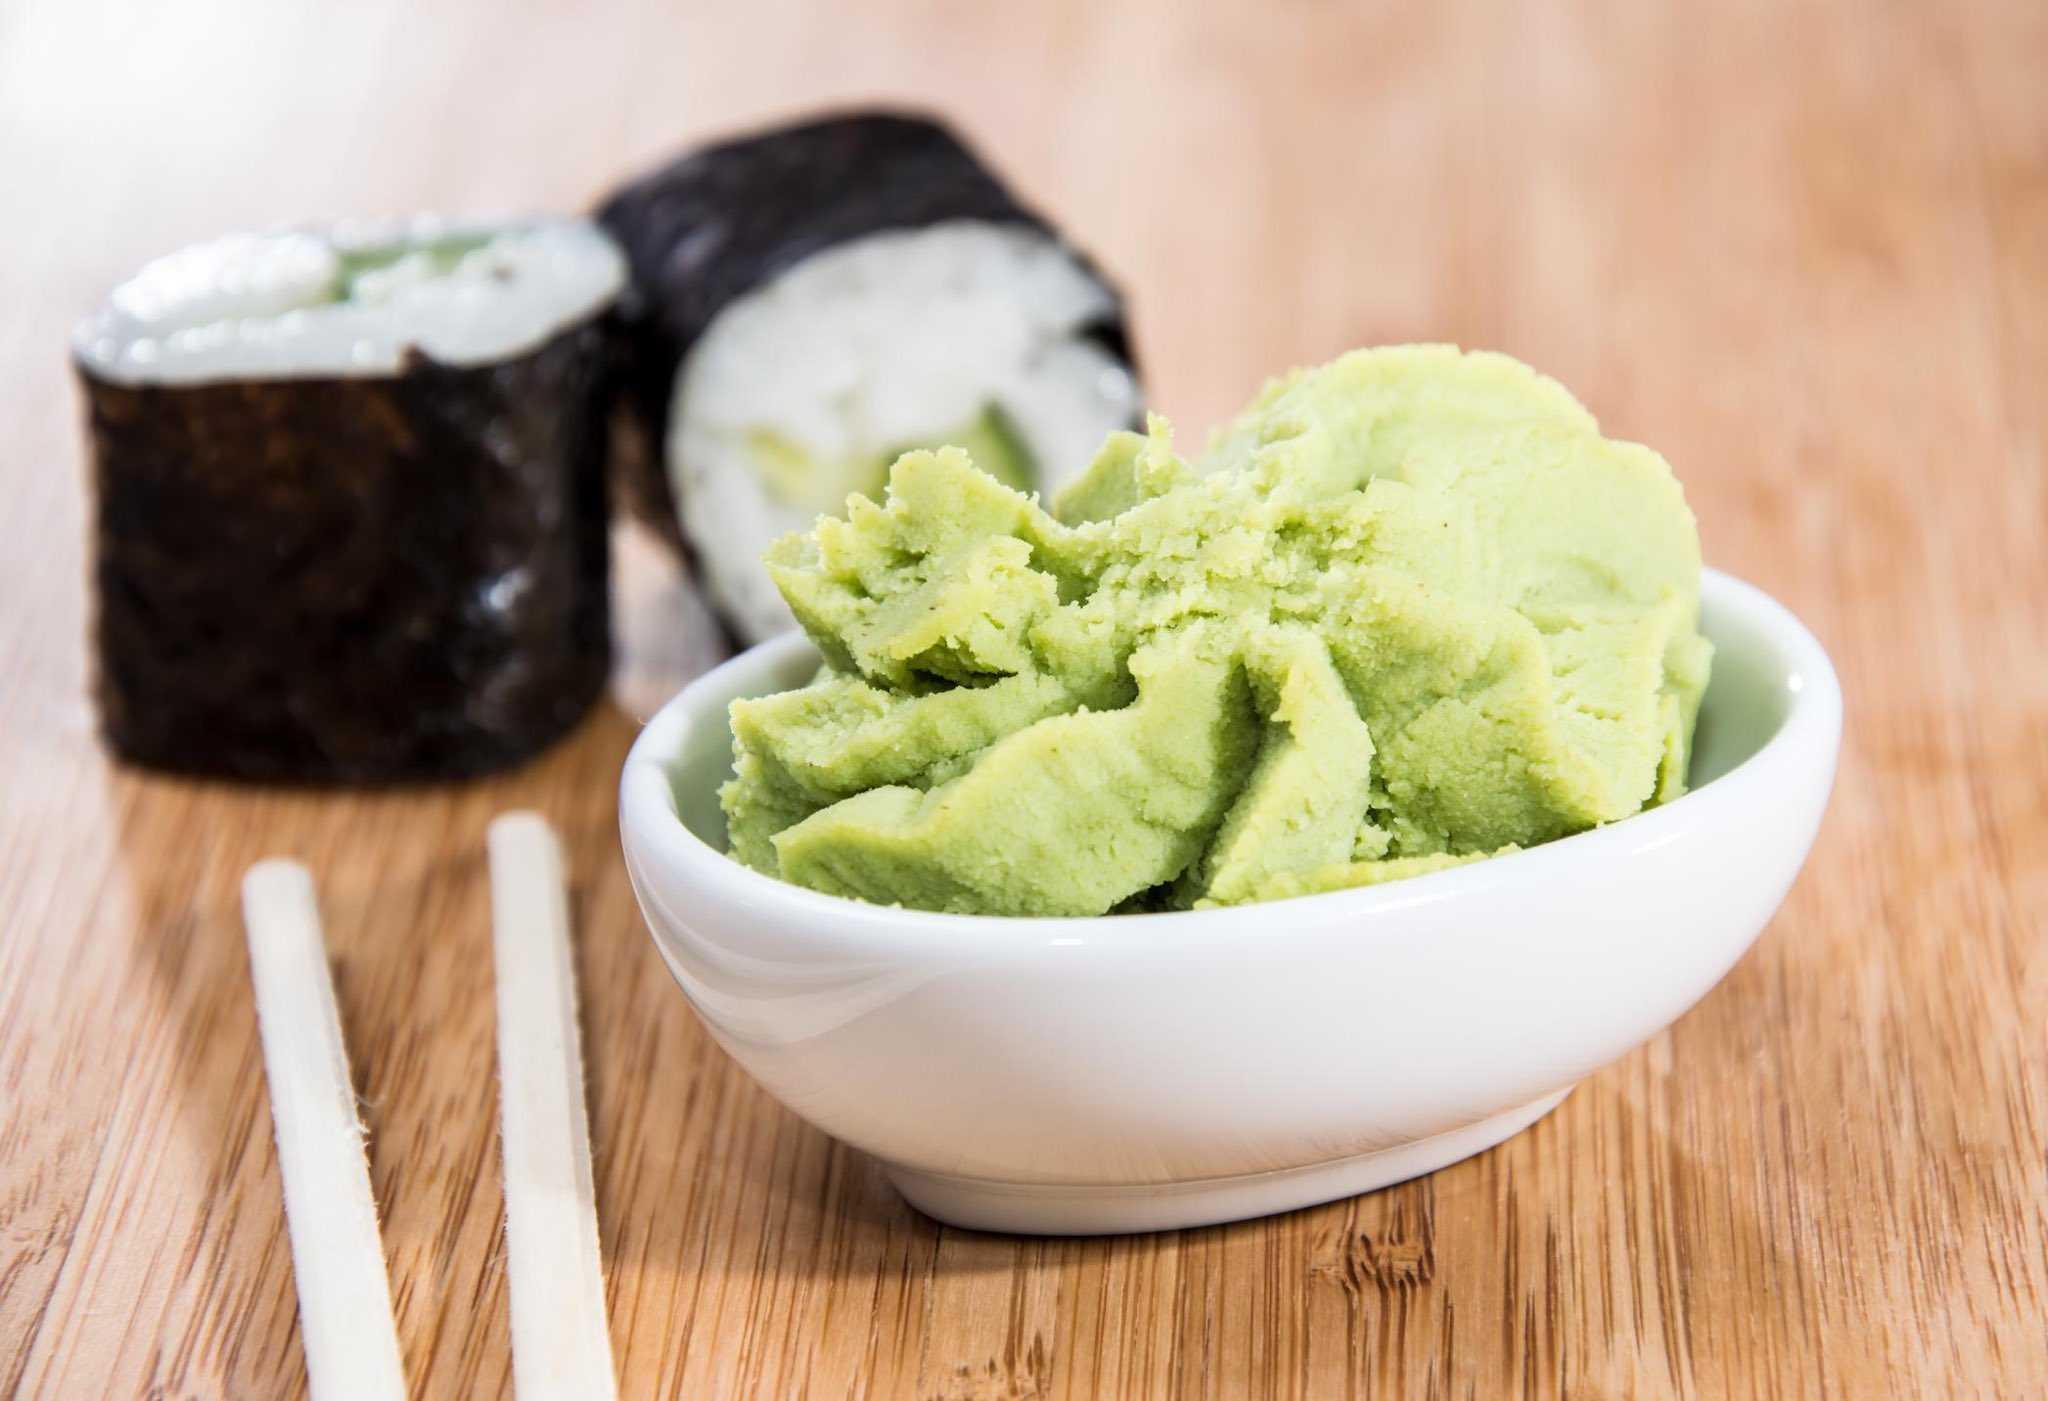 Как сделать салат суши: пошаговые рецепты приготовления слоями и классический с фото и видео